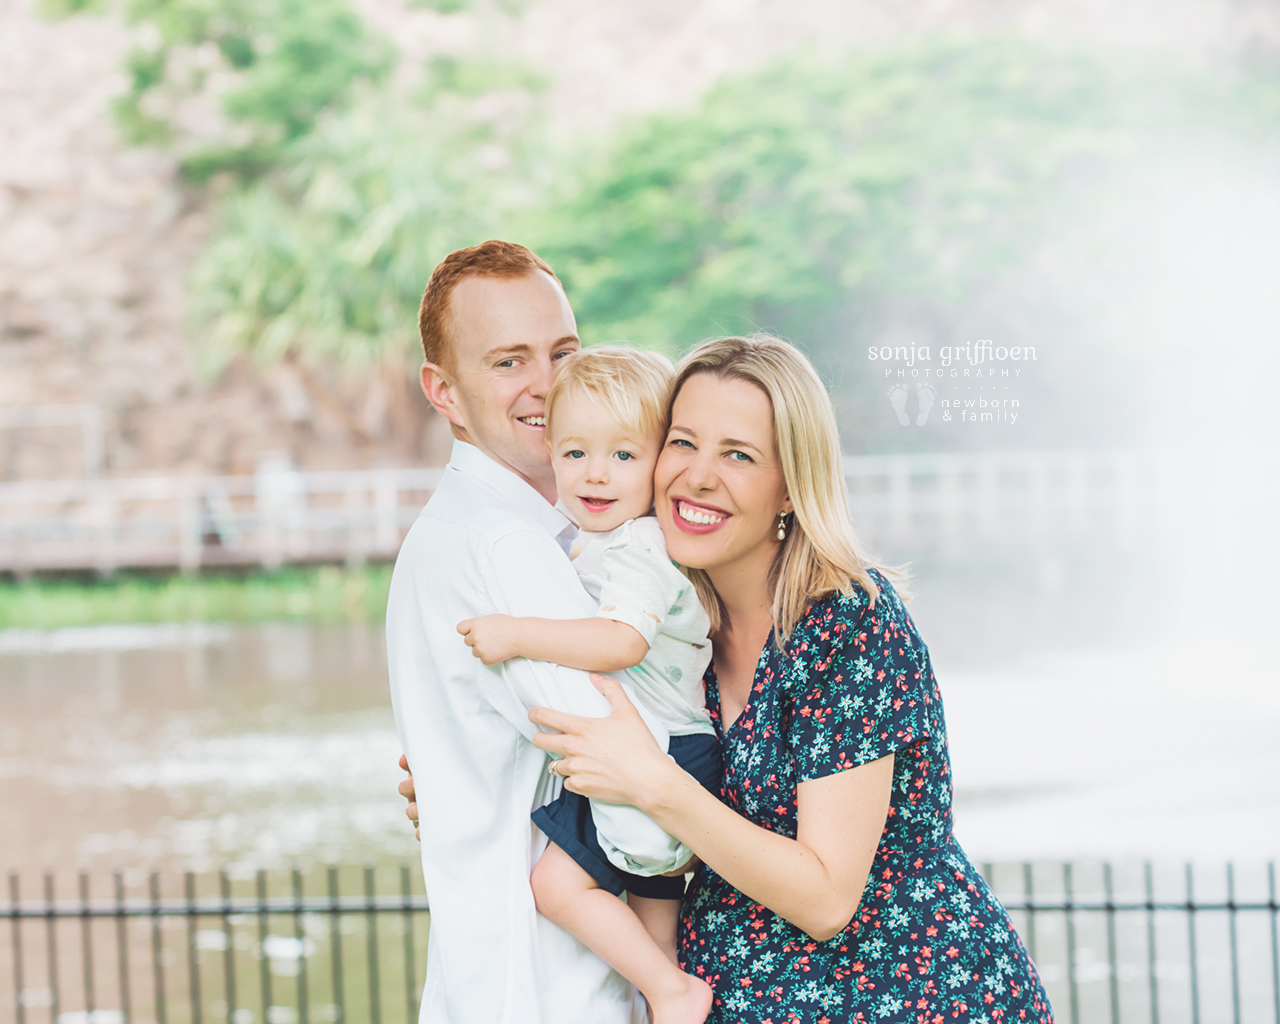 Kim-Maternity-Brisbane-Newborn-Photographer-Sonja-Griffioen-021.jpg